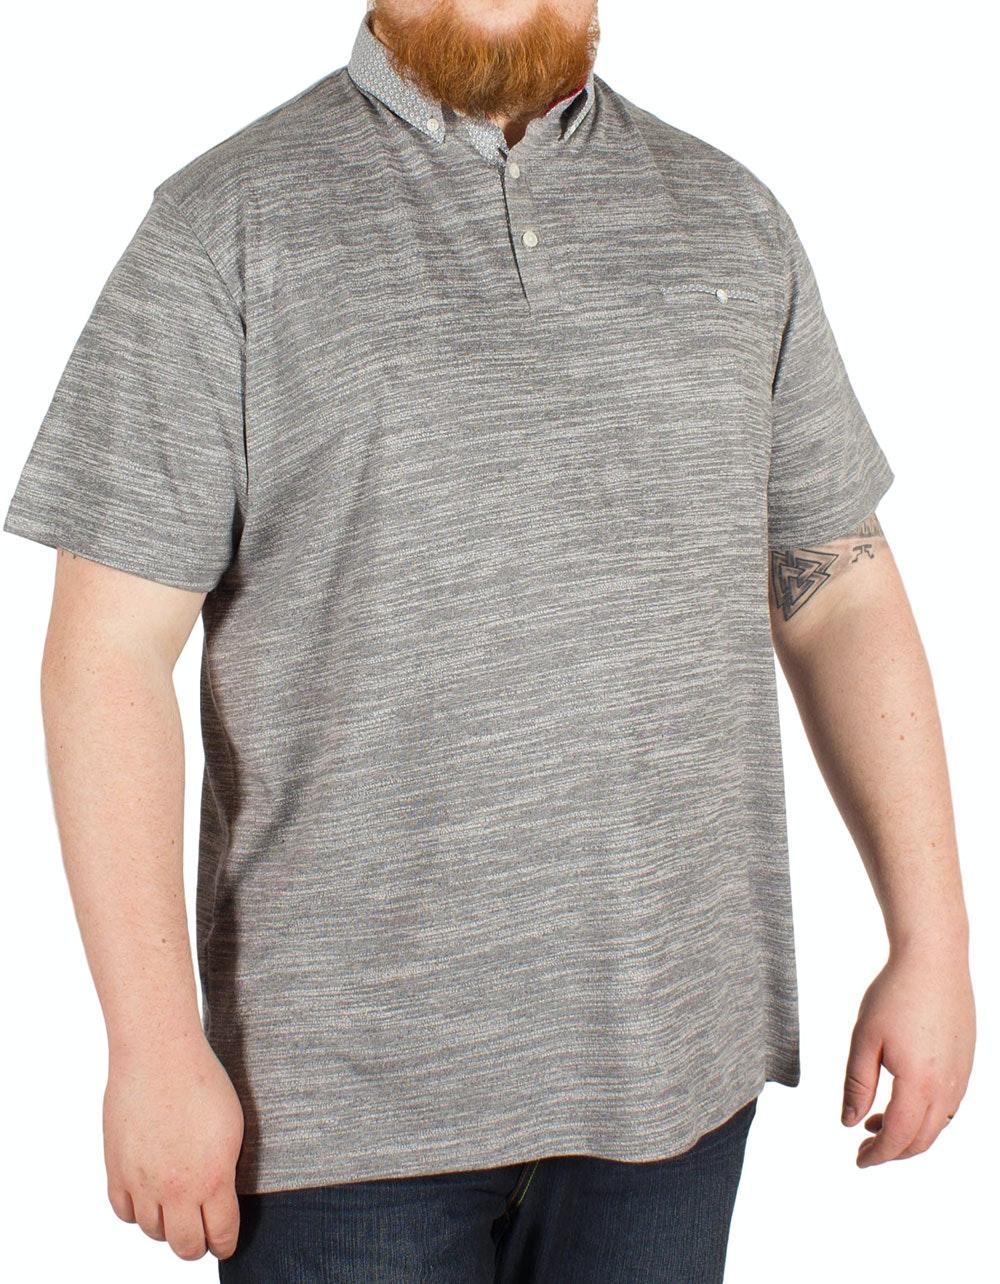 Mish Mash Caldera Polo Shirt Grey